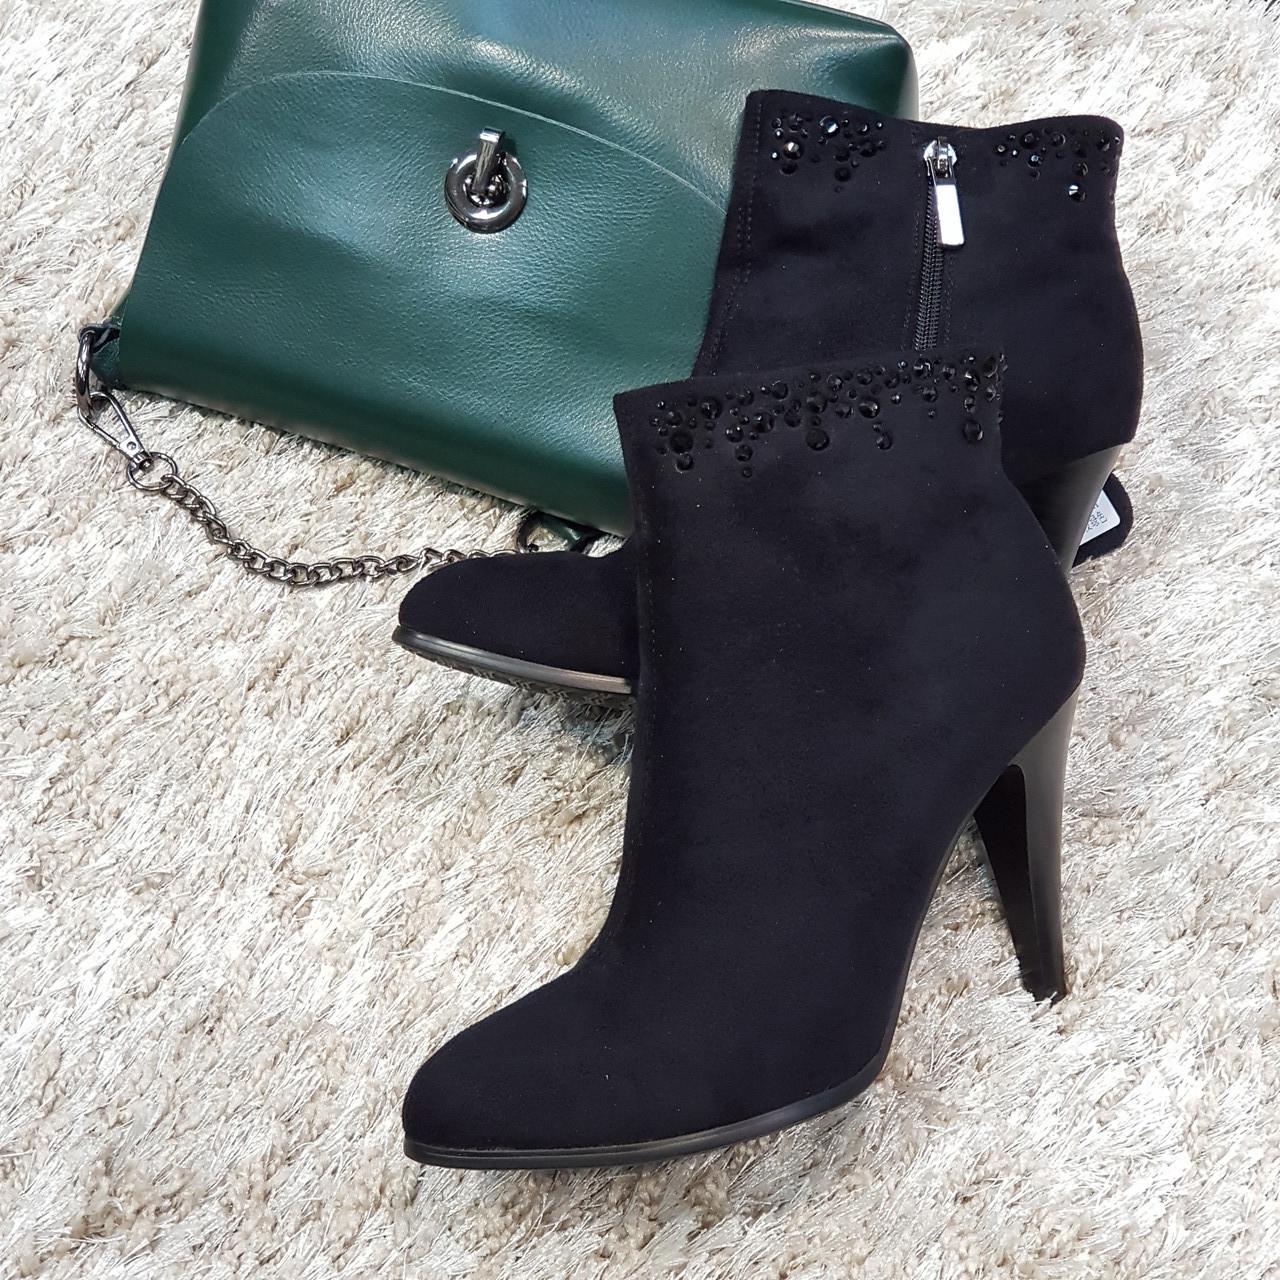 Ботинки женские демисезонные весна-осень на каблуке из искусственной замши черные 40